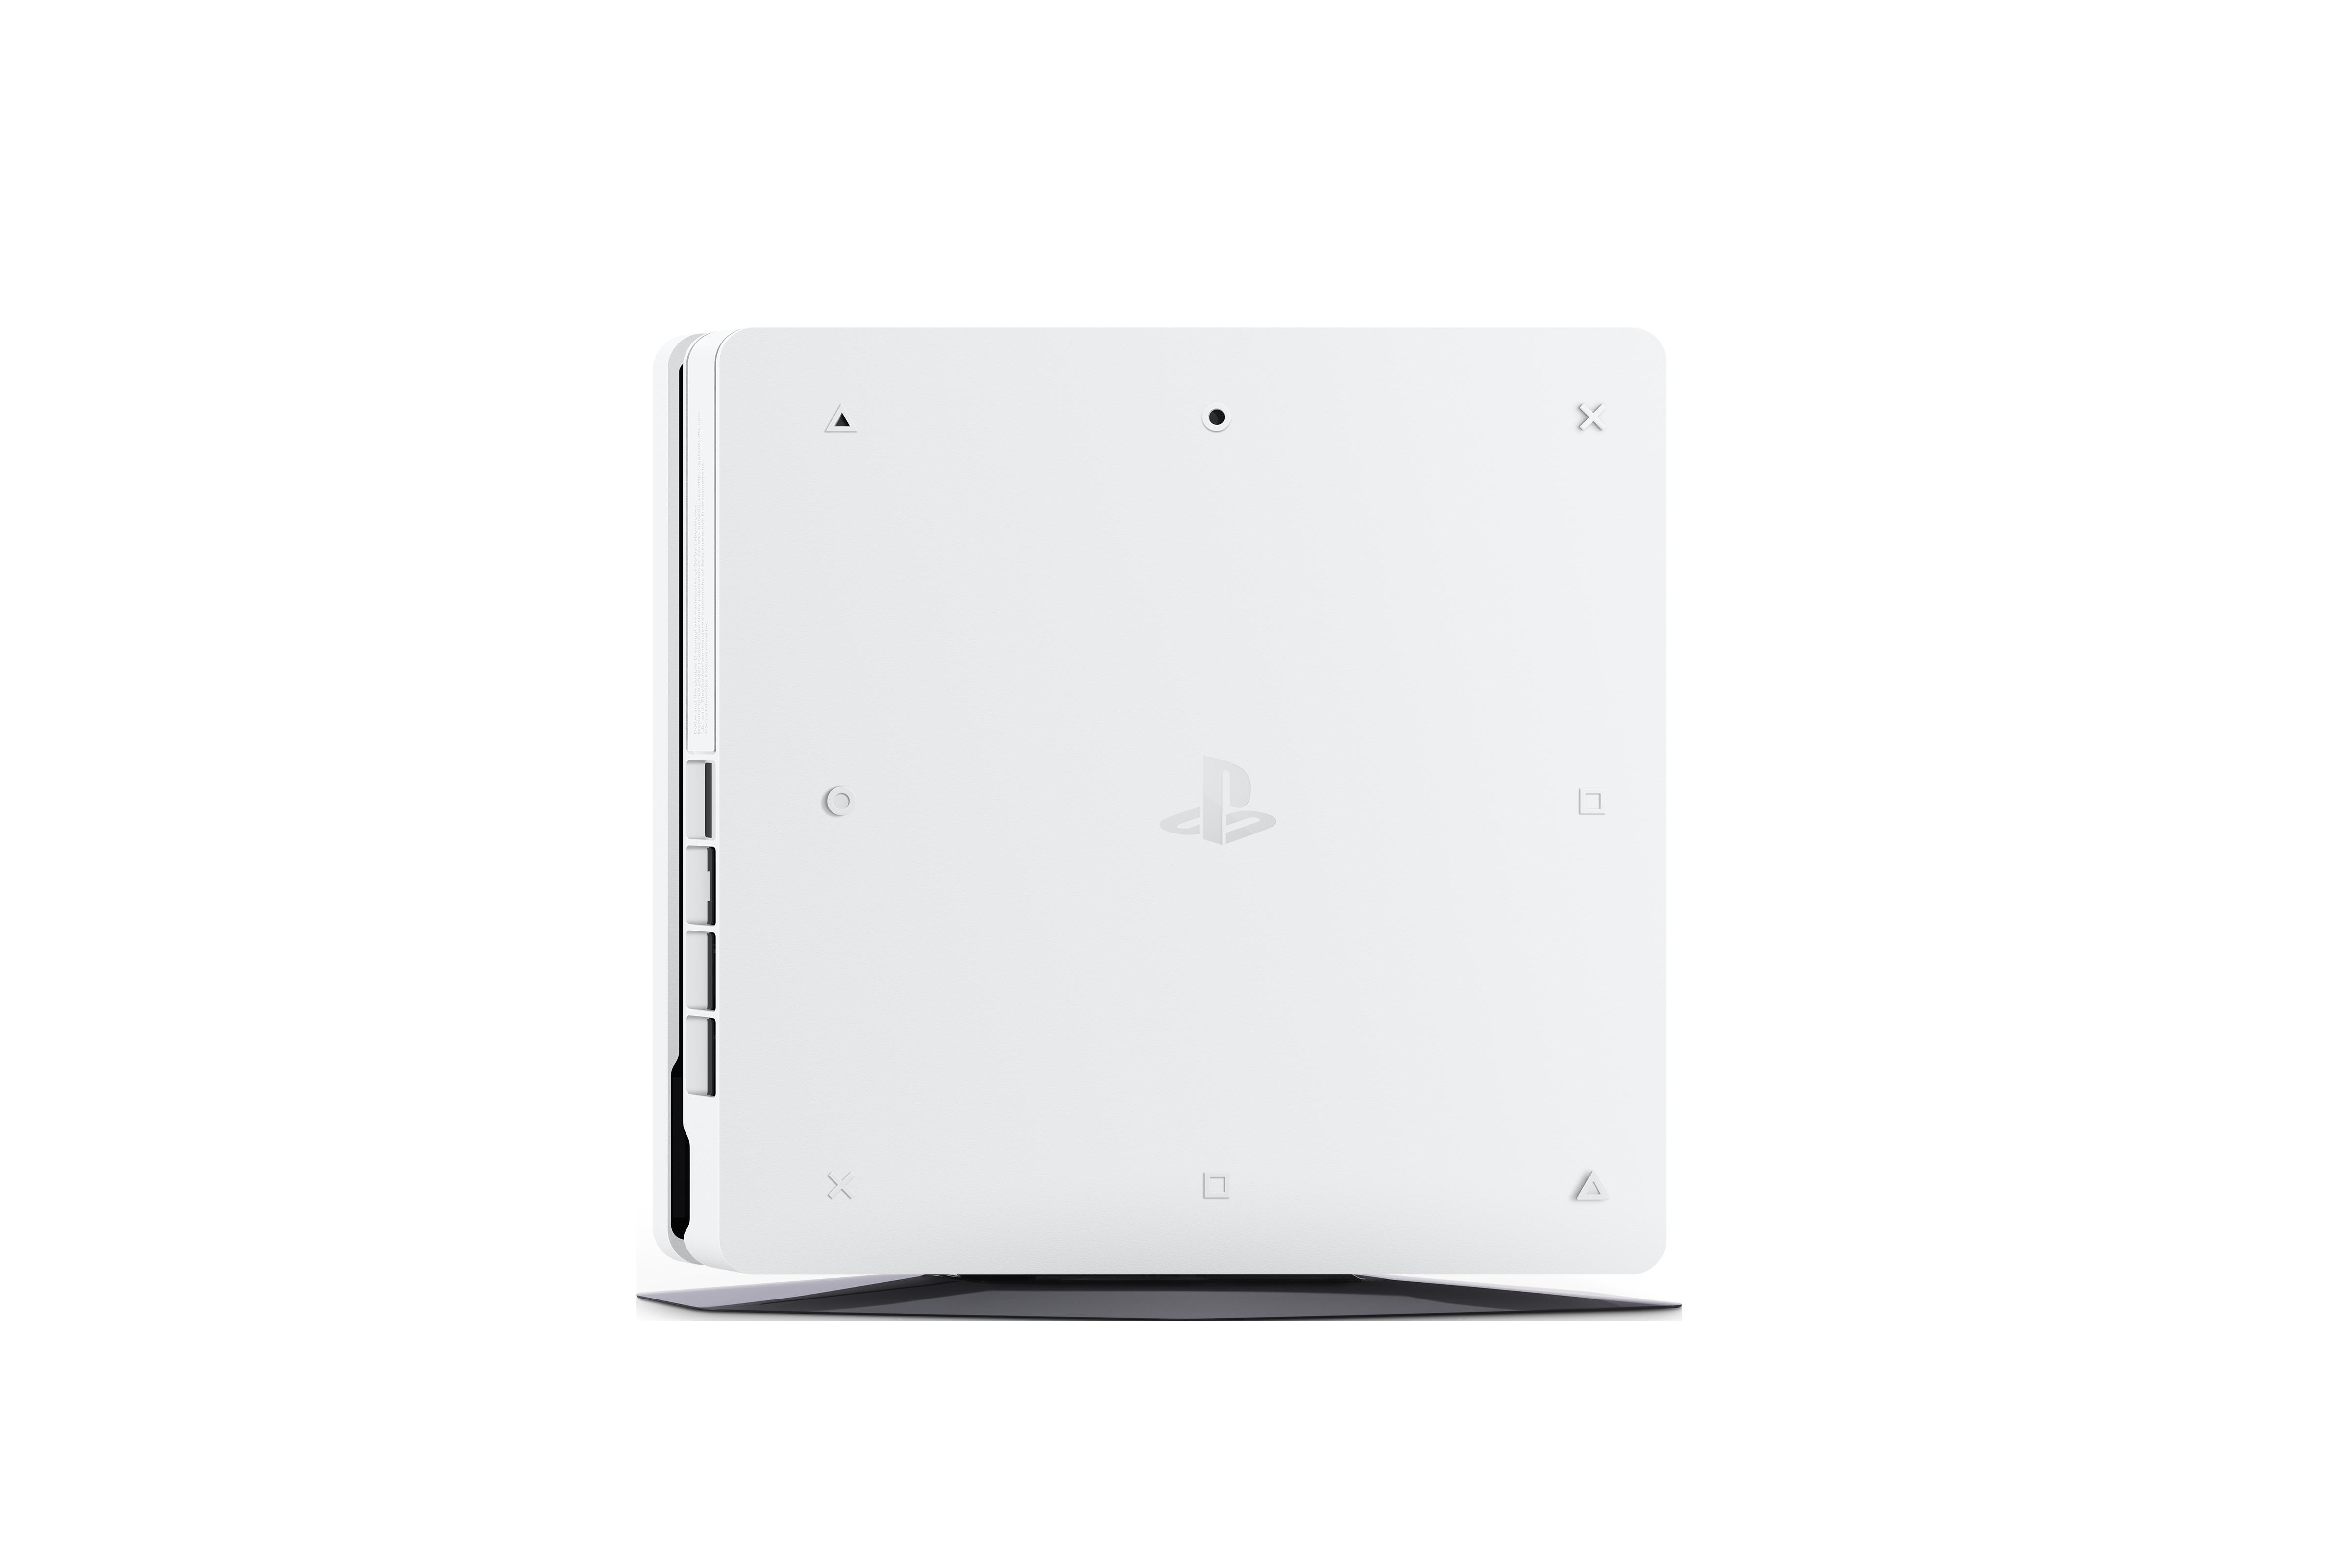 PS4_2000_White_06